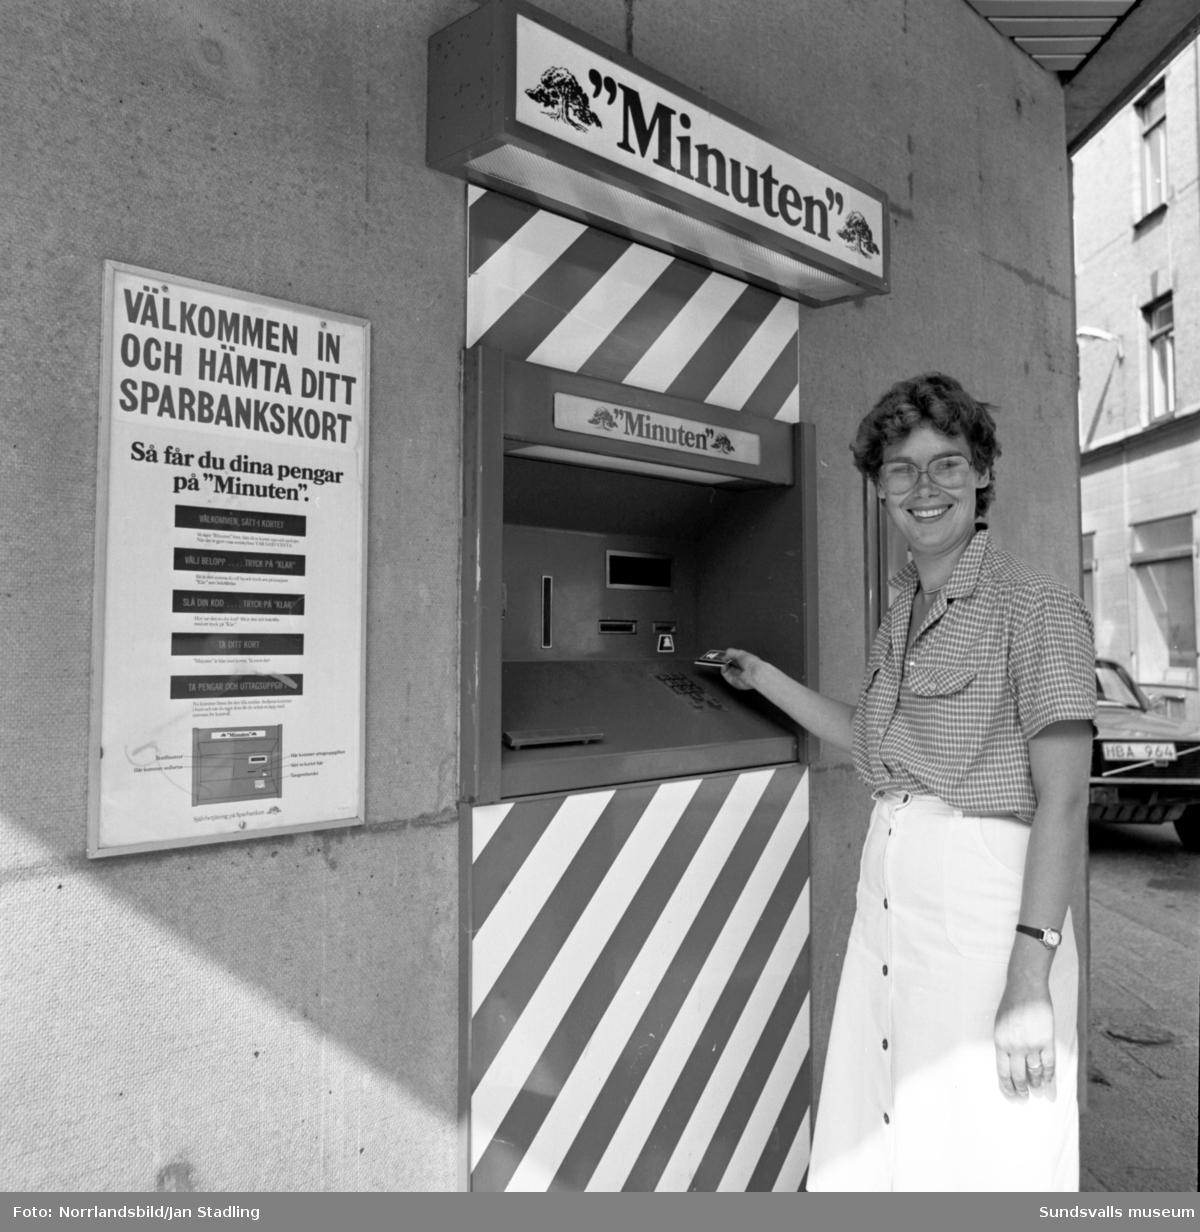 Sparbanken Västernorrland, Minutenautomat.